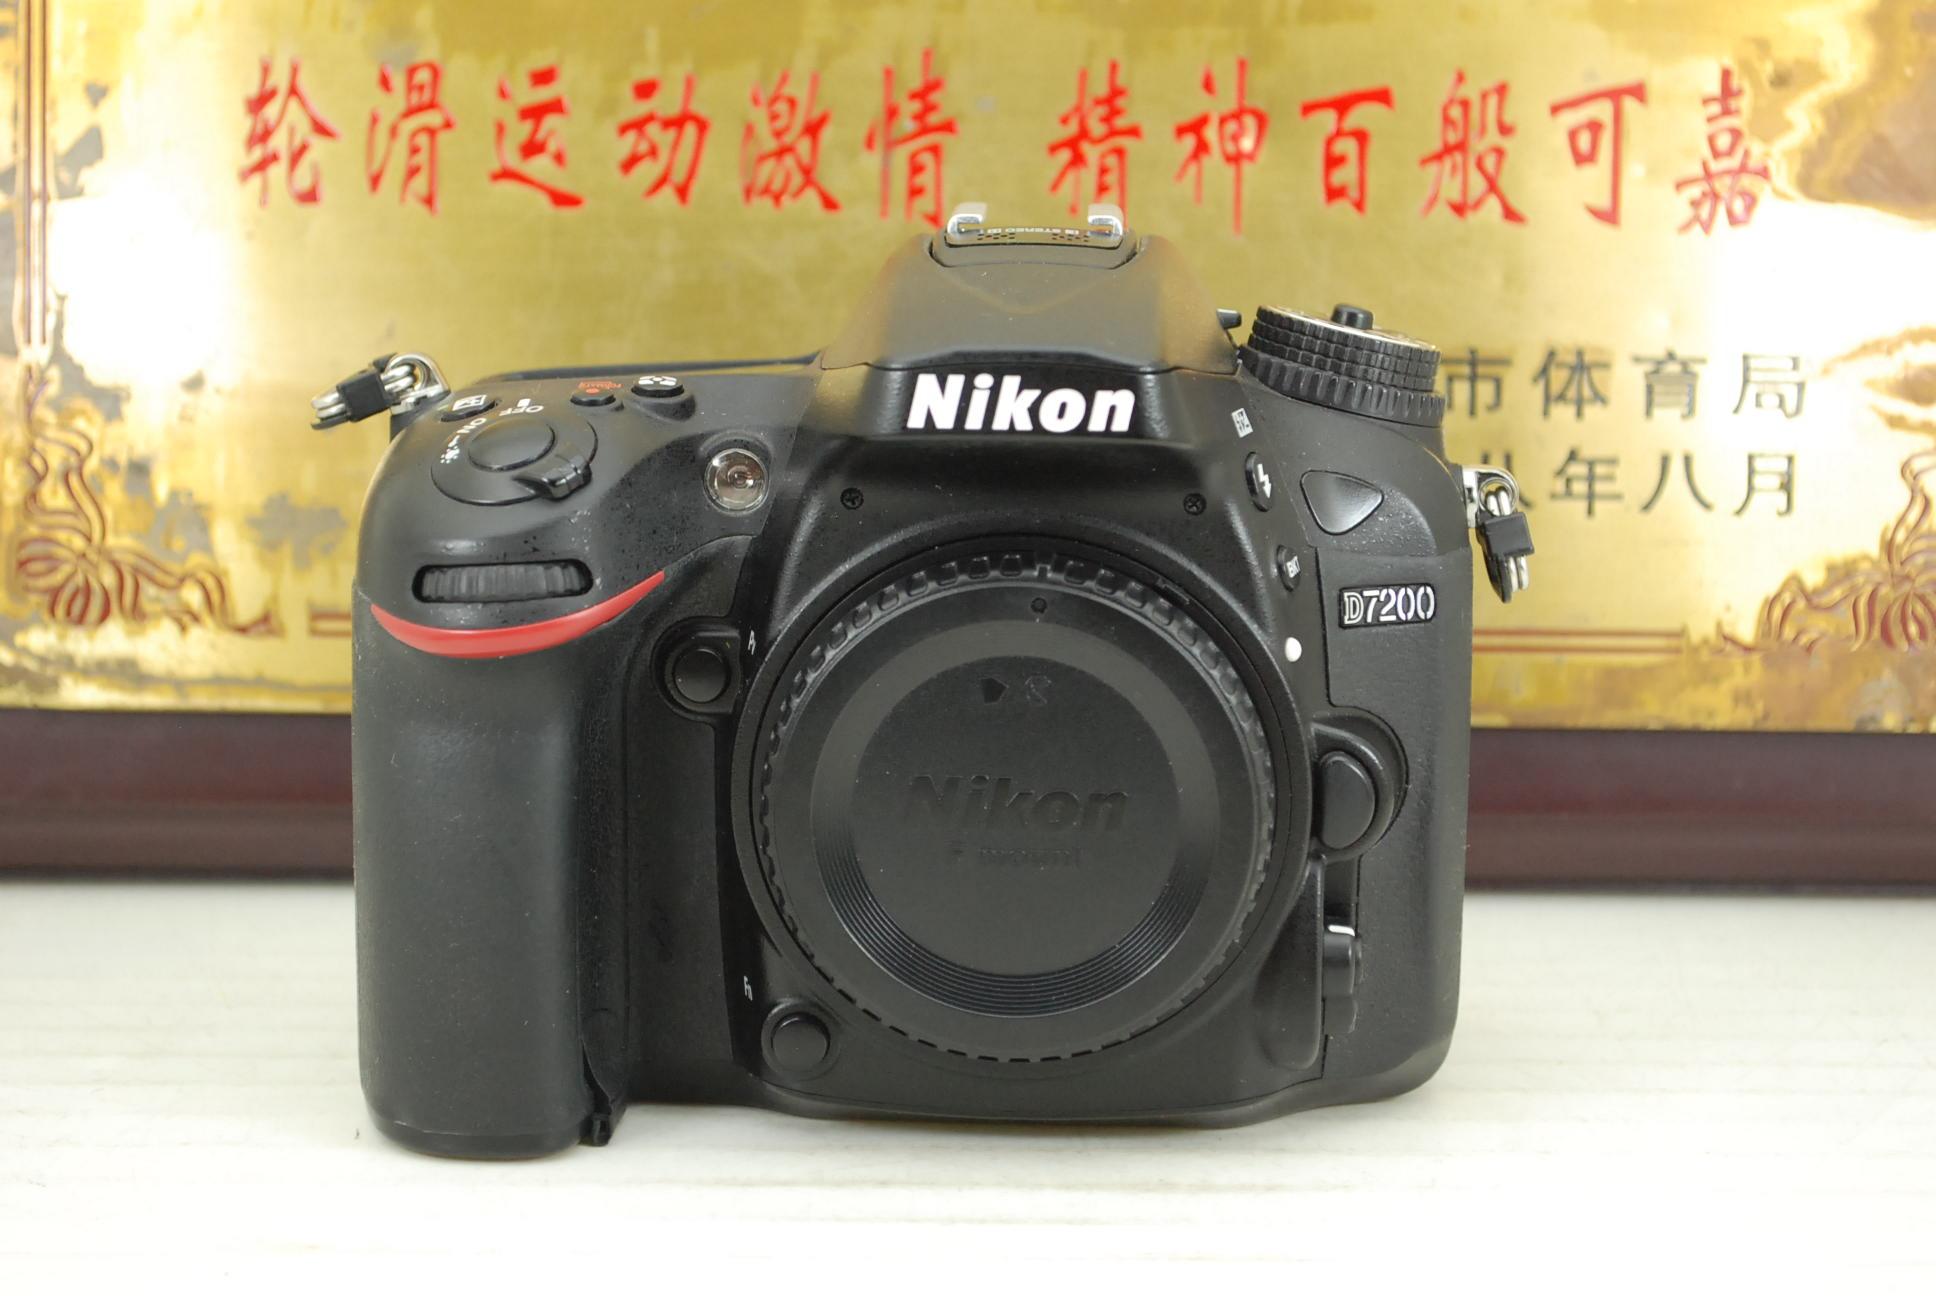 尼康 D7200 专业 数码单反相机2400万像素 中端机型选配镜头